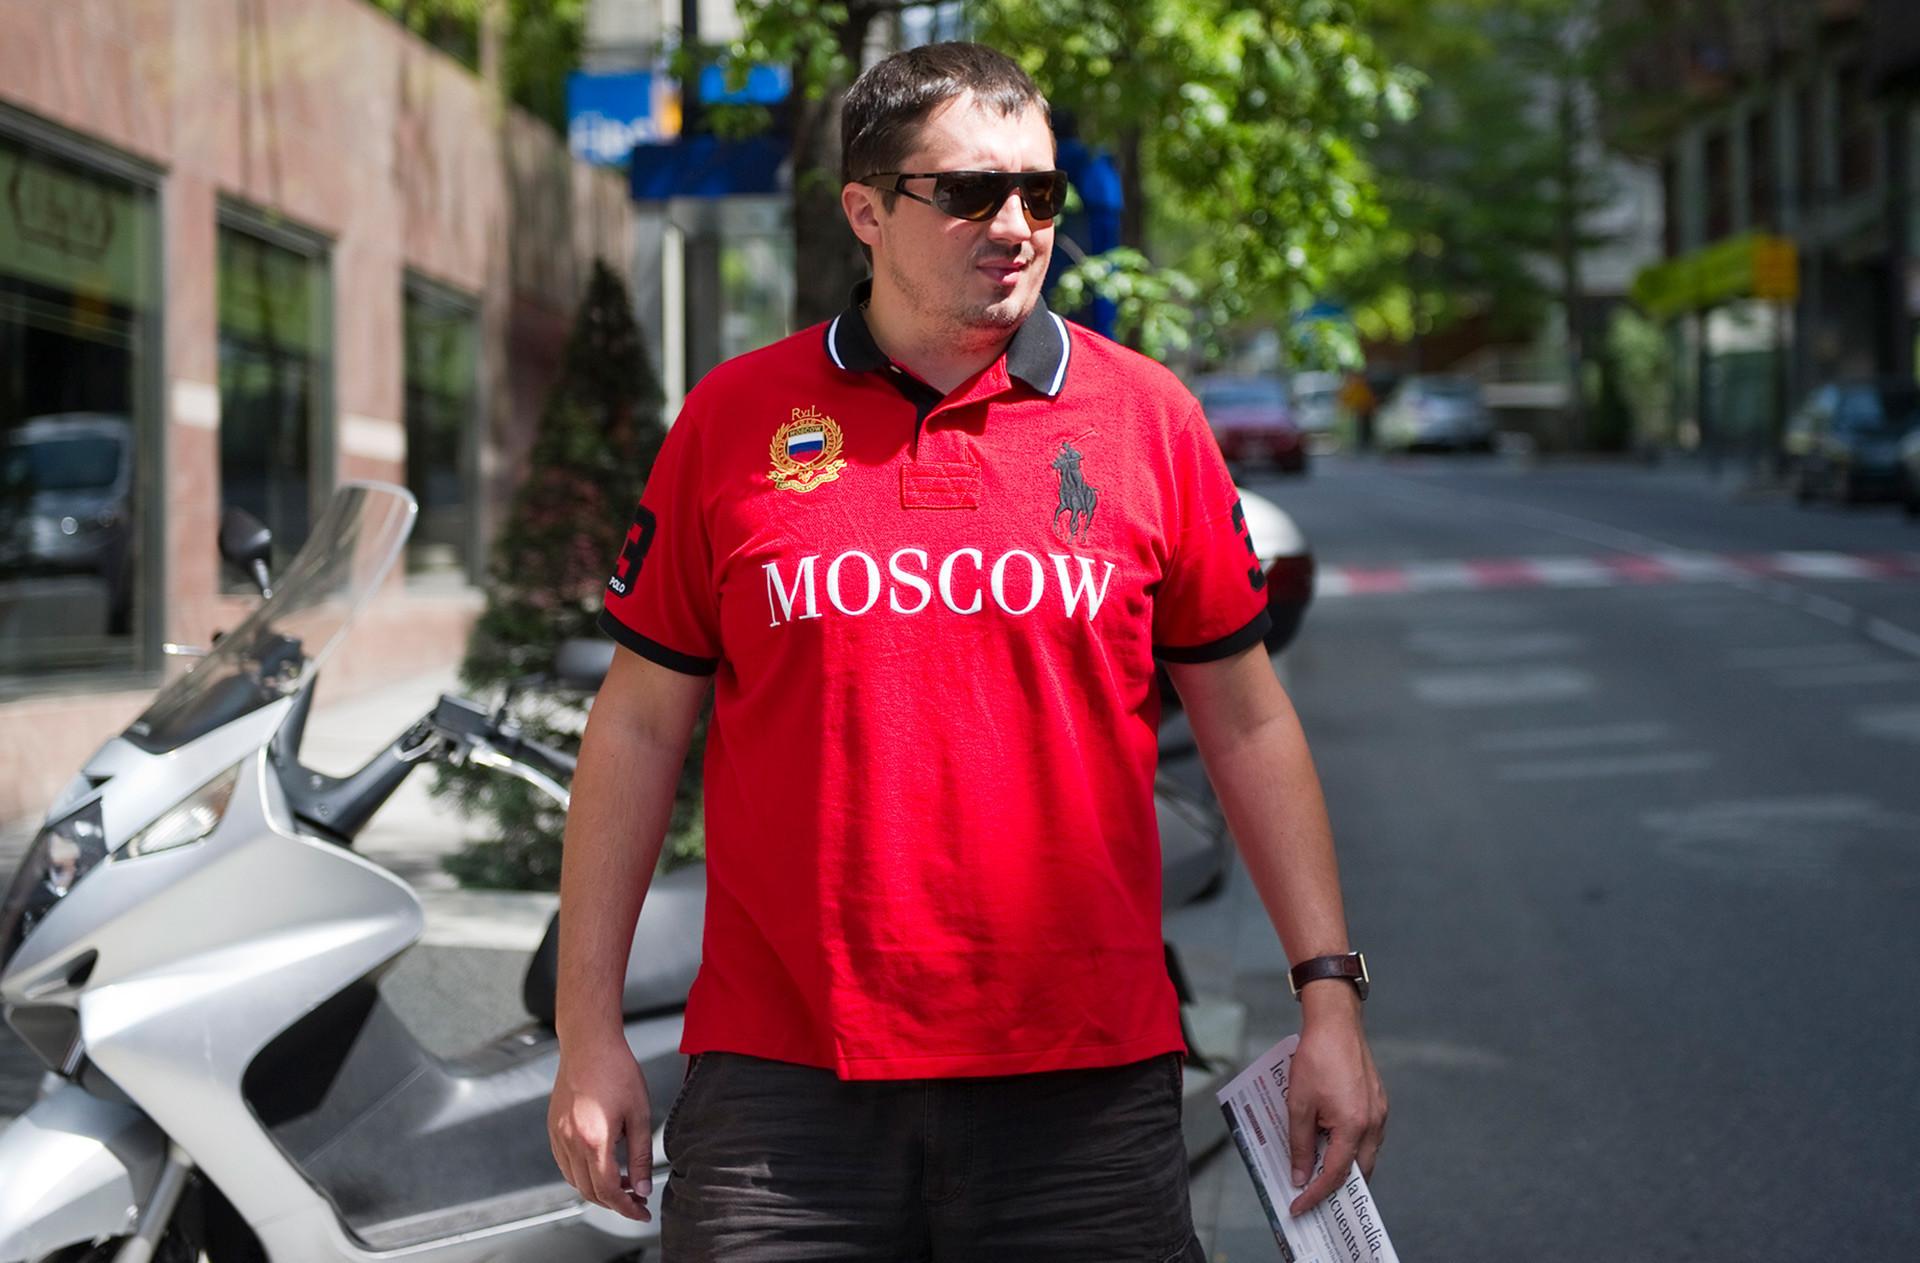 Александар Шпригин, председник Руске националне асоцијације фудбалских навијача.